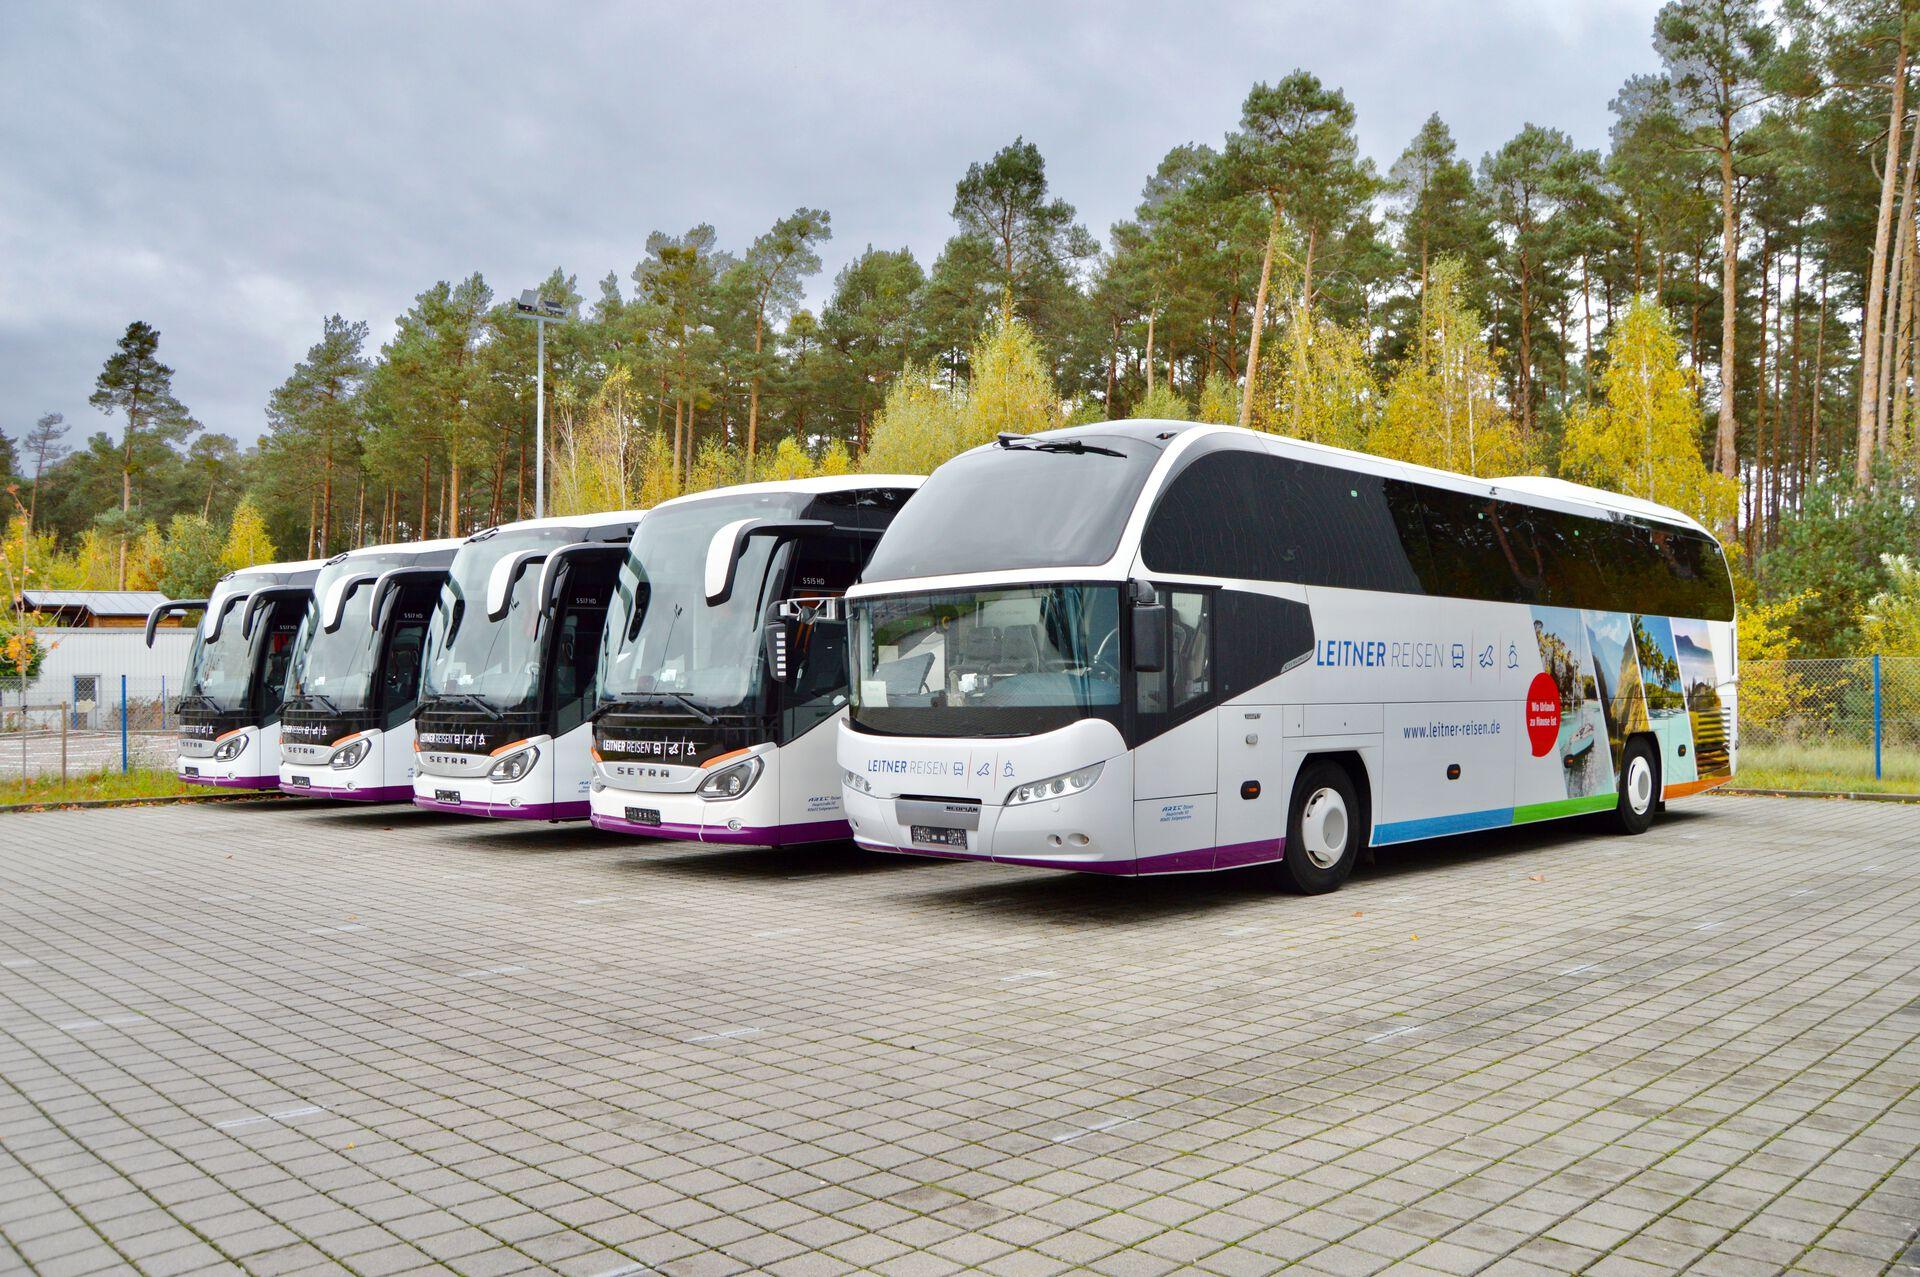 Leitner Busreisen GmbH